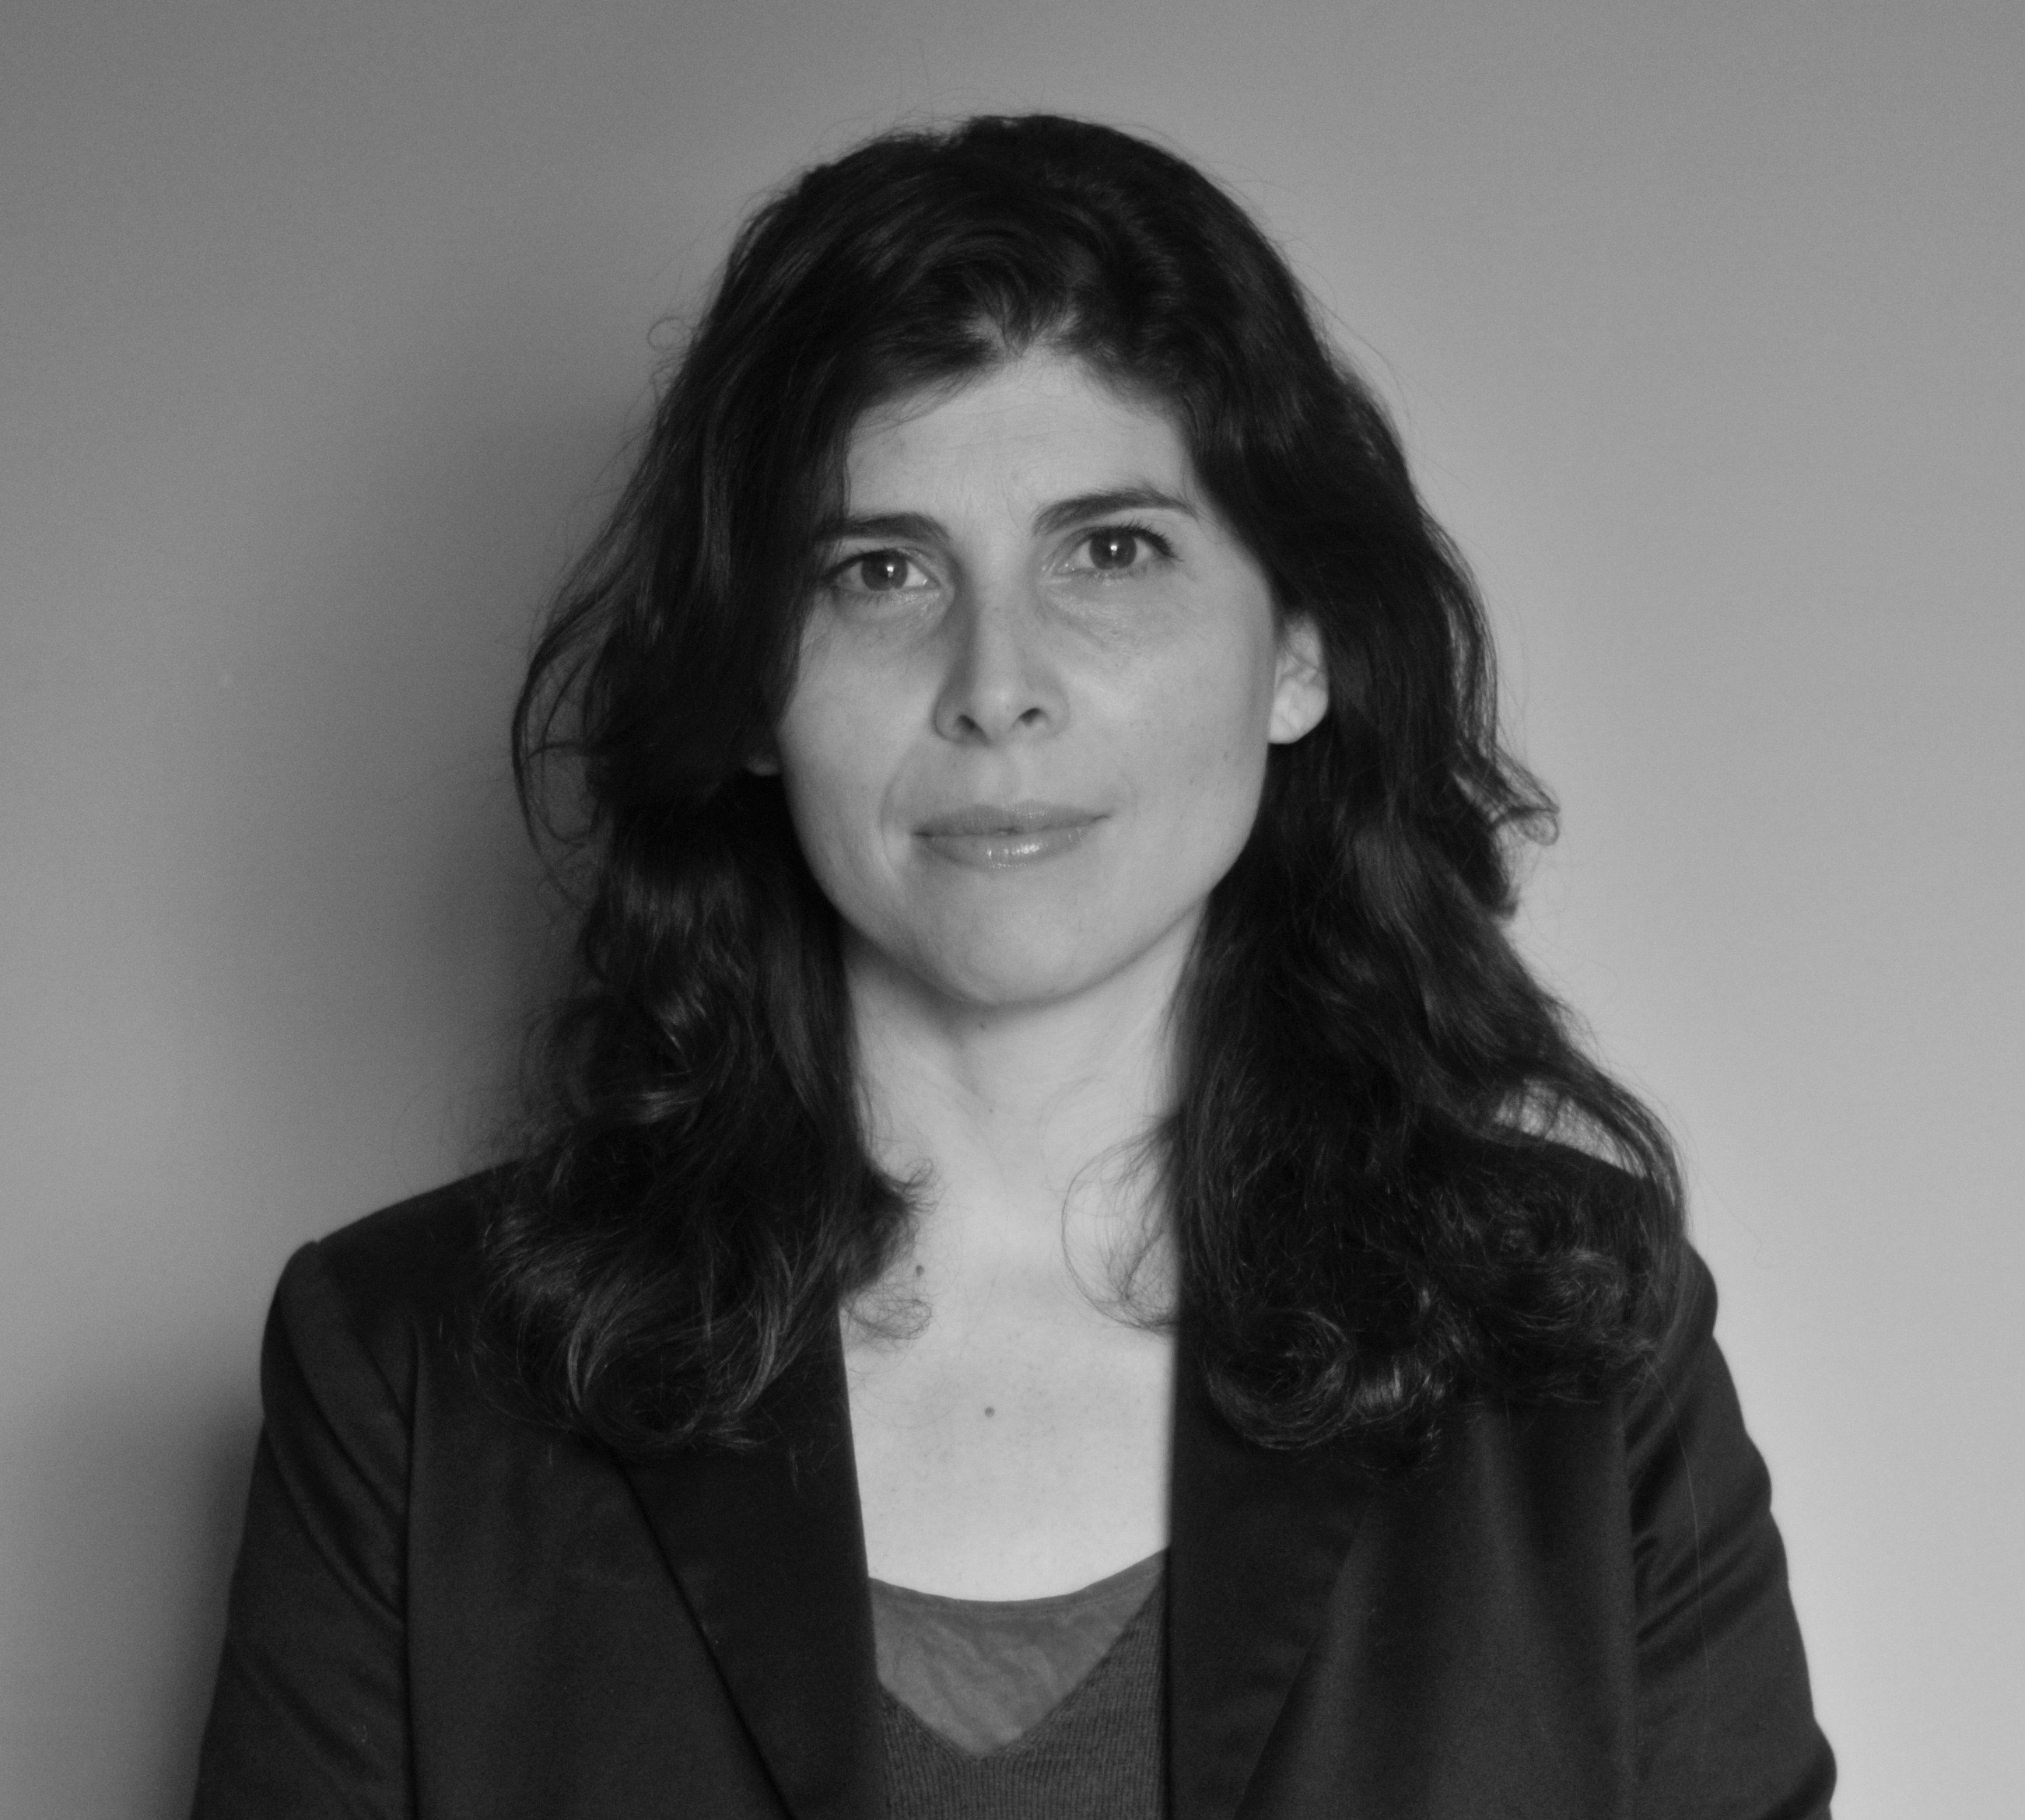 Rachel Noar